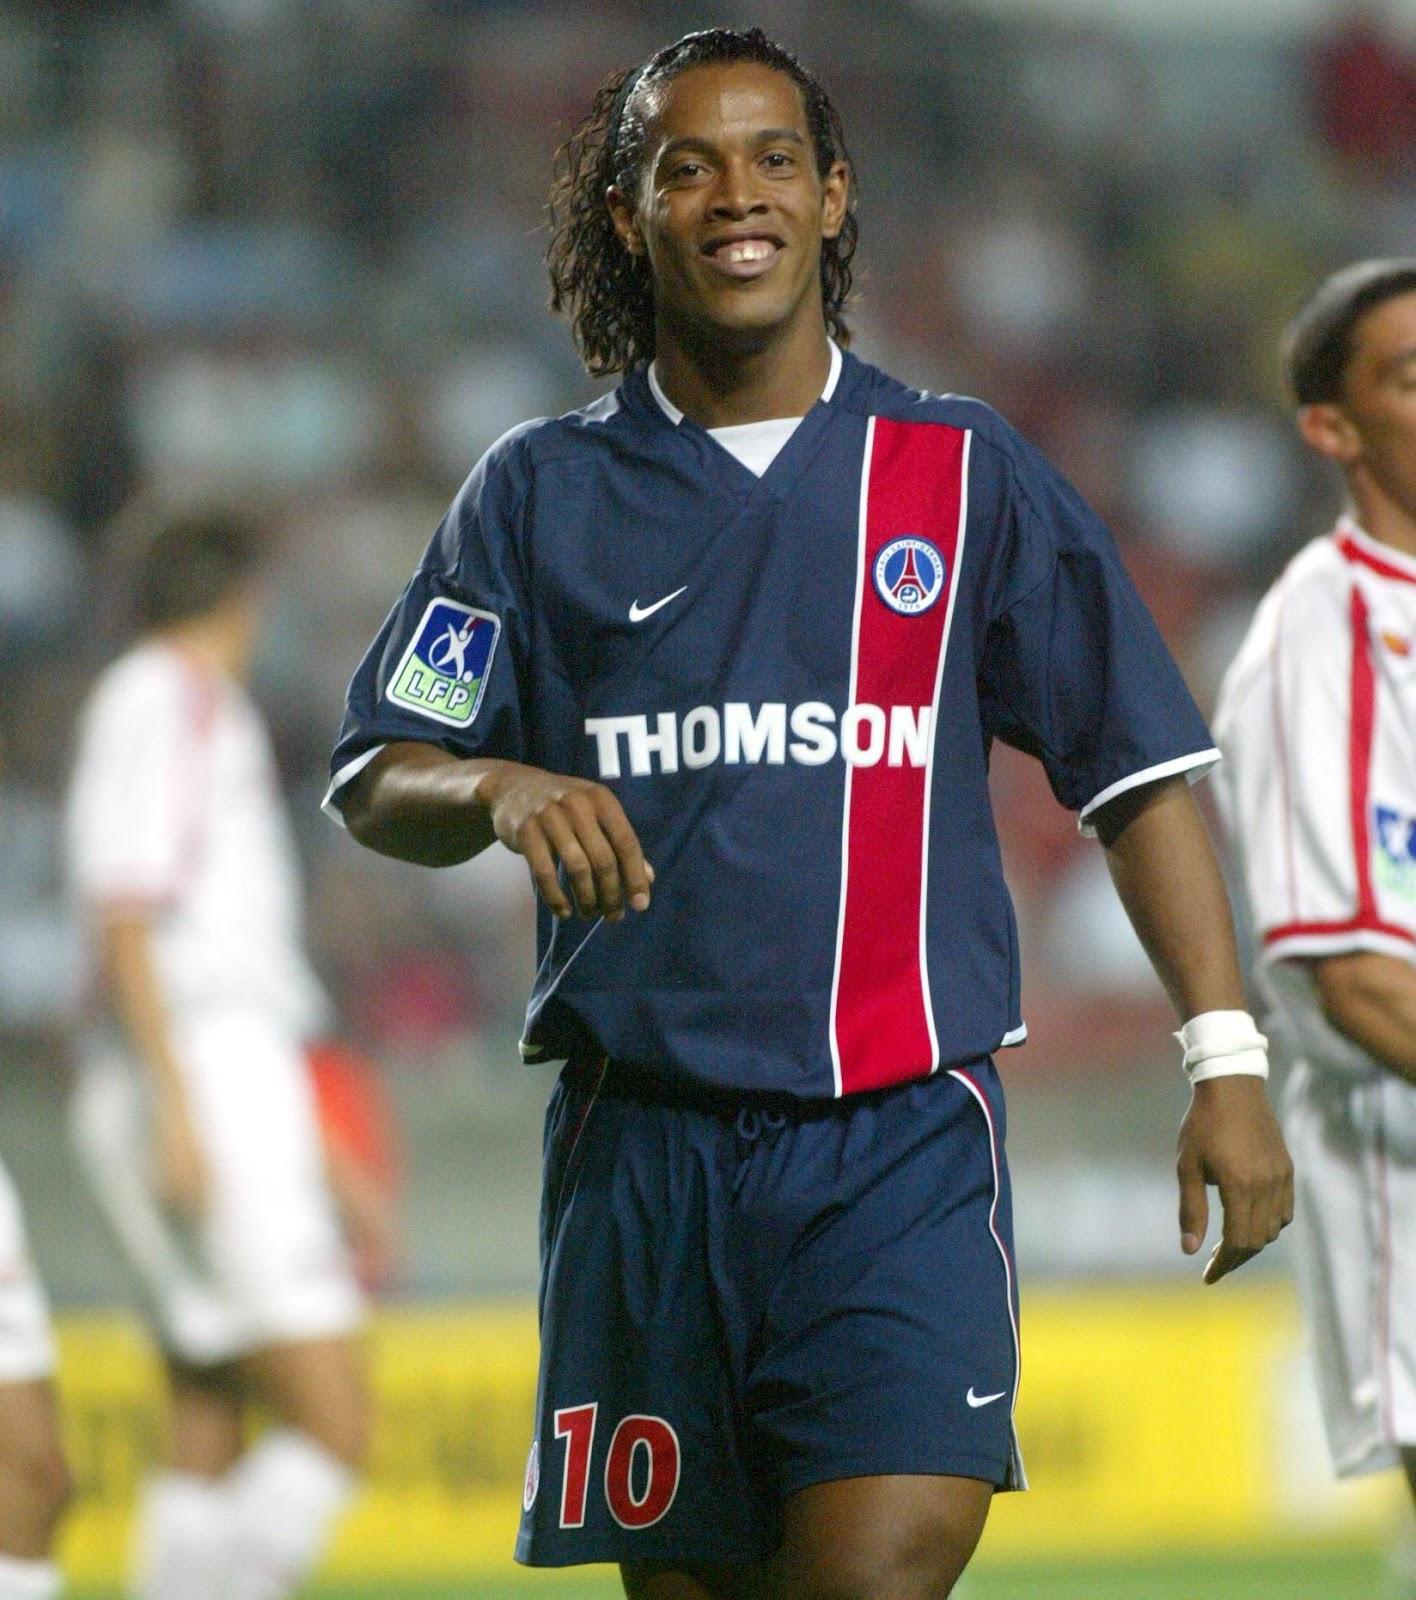 Psg: Top 10 Paris Saint-Germain Kits In History